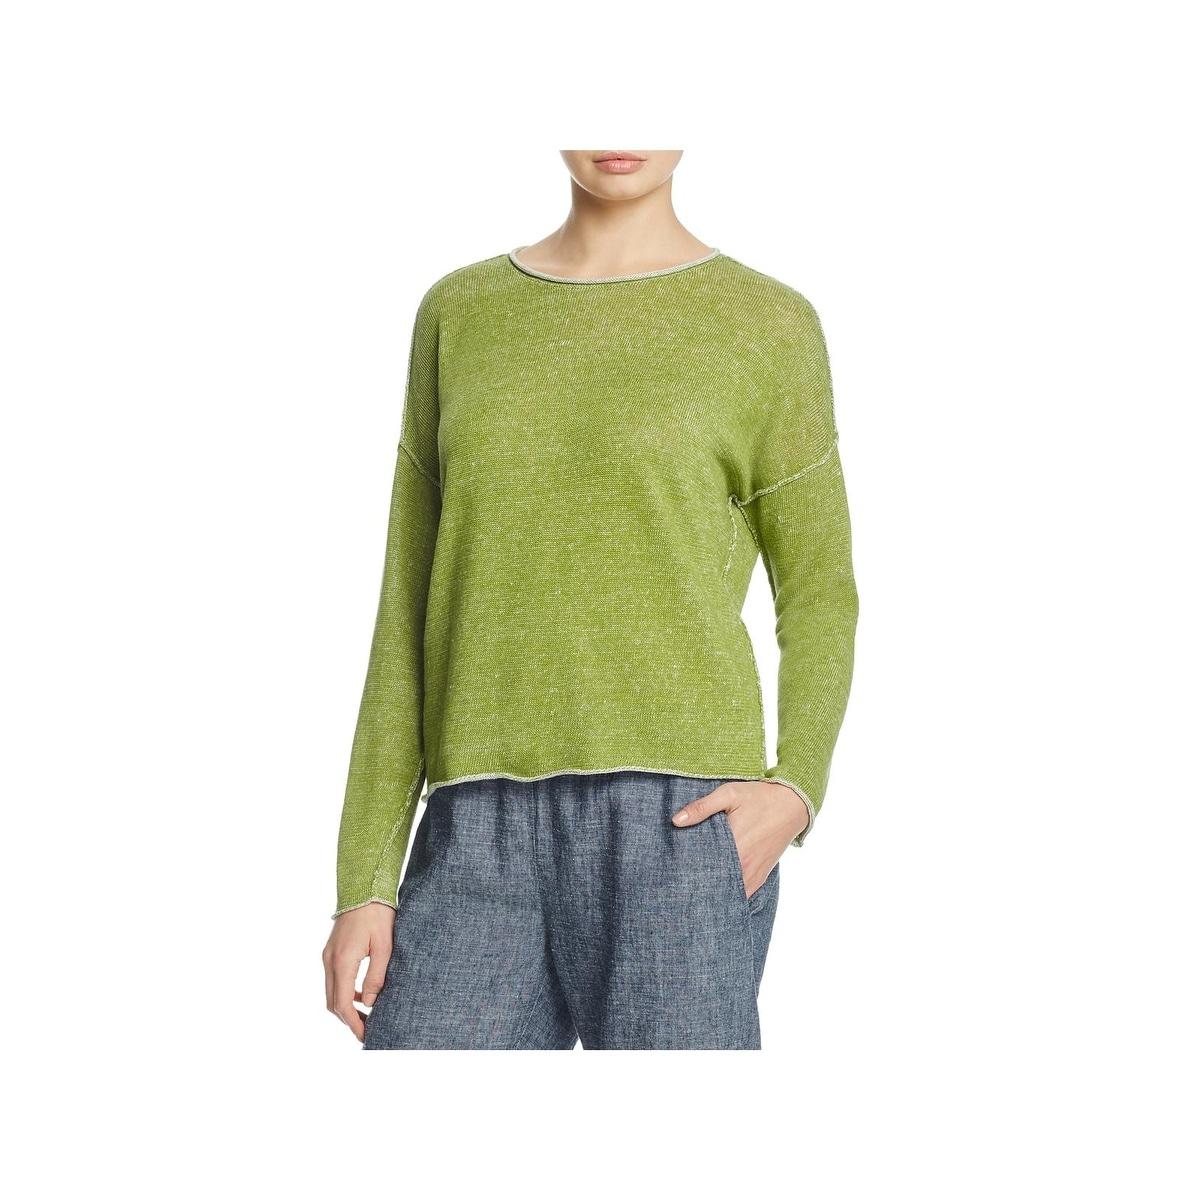 f7f8fee30e567 Eileen Fisher Women s Sweaters